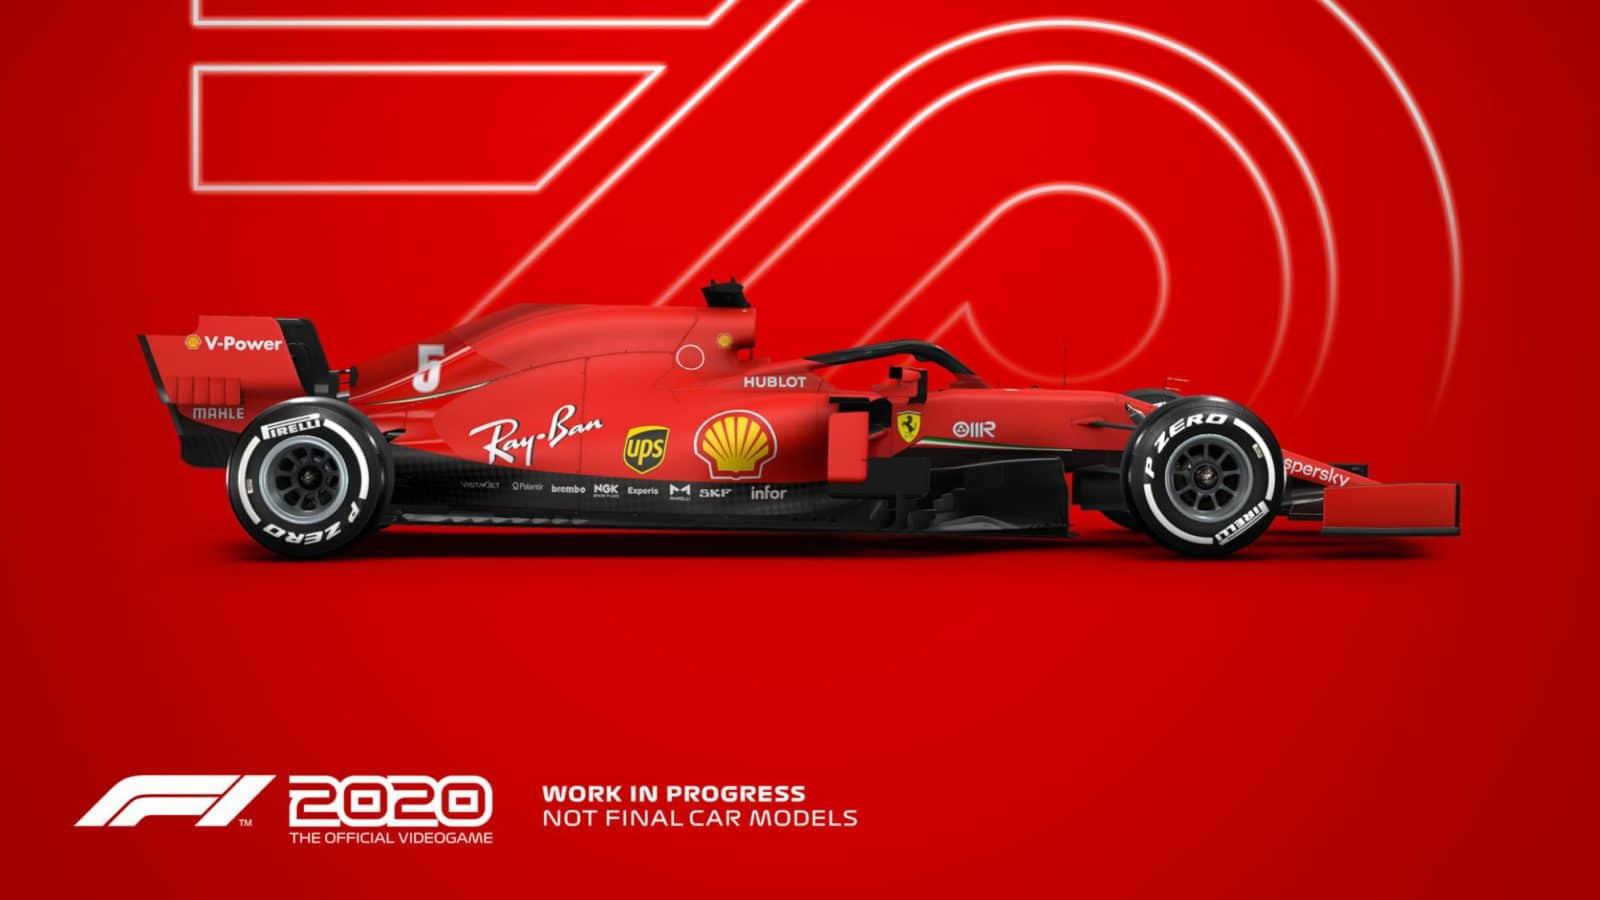 Jogos: F1 2020 anuncia data de lançamento e novidades